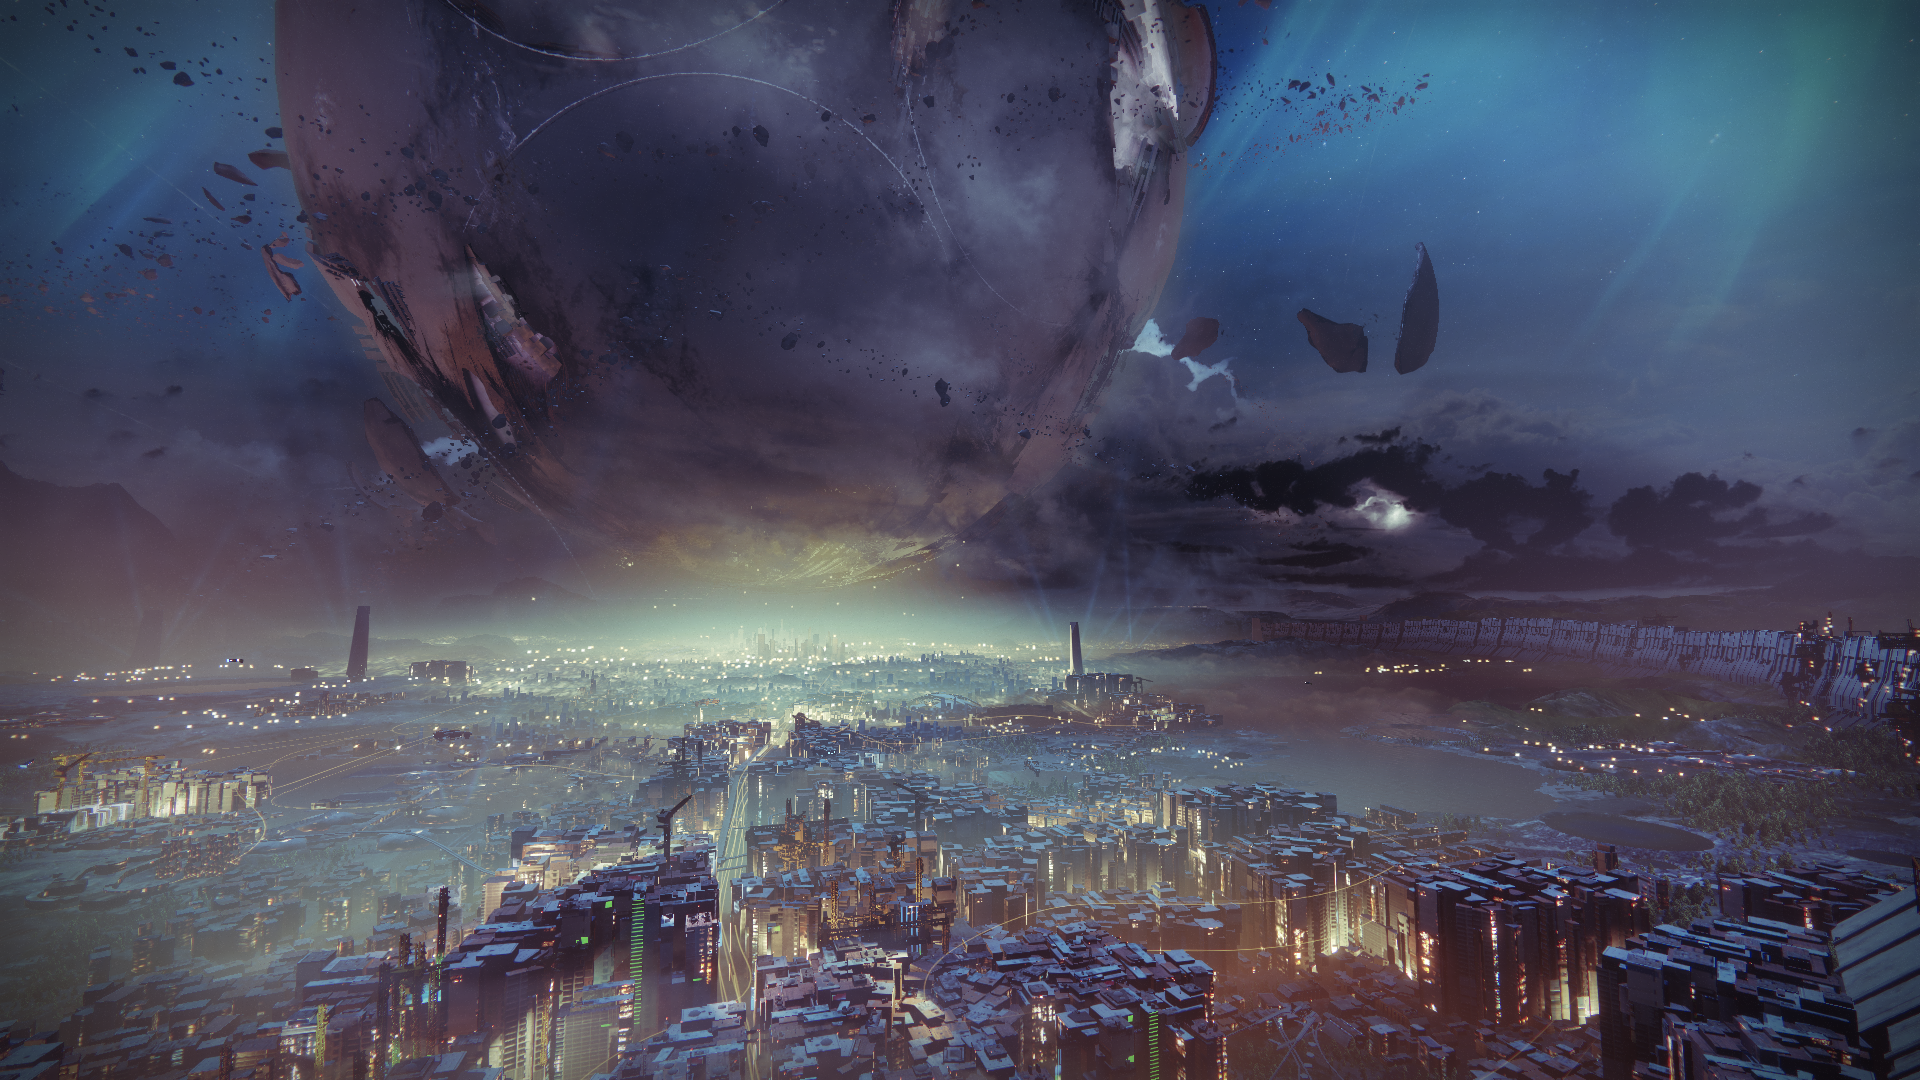 Destiny 2 Lost City Screenshot I Took 1920x1080 Wallpaper Hd Wallpaper R Wallpaper